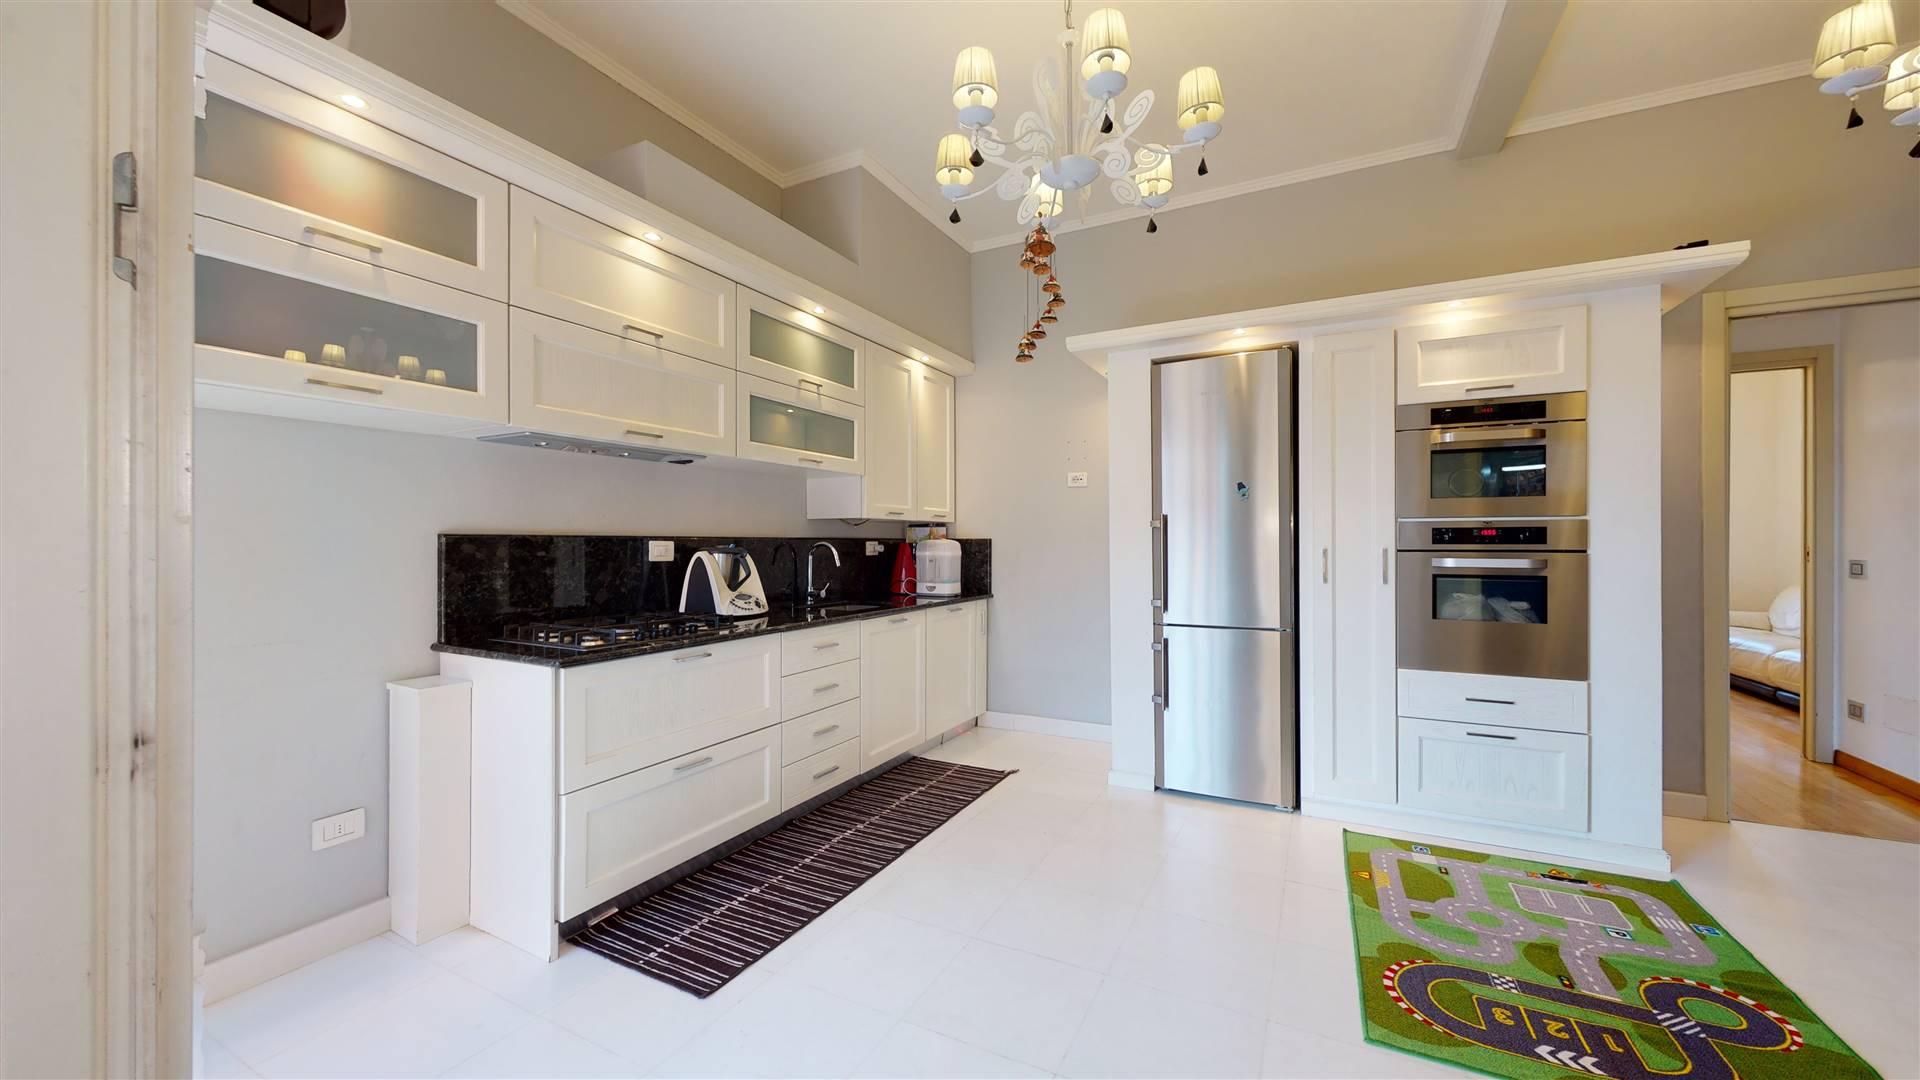 Appartamento in vendita a Gessate, 3 locali, zona Località: VILLA FORNACI, prezzo € 185.000 | PortaleAgenzieImmobiliari.it